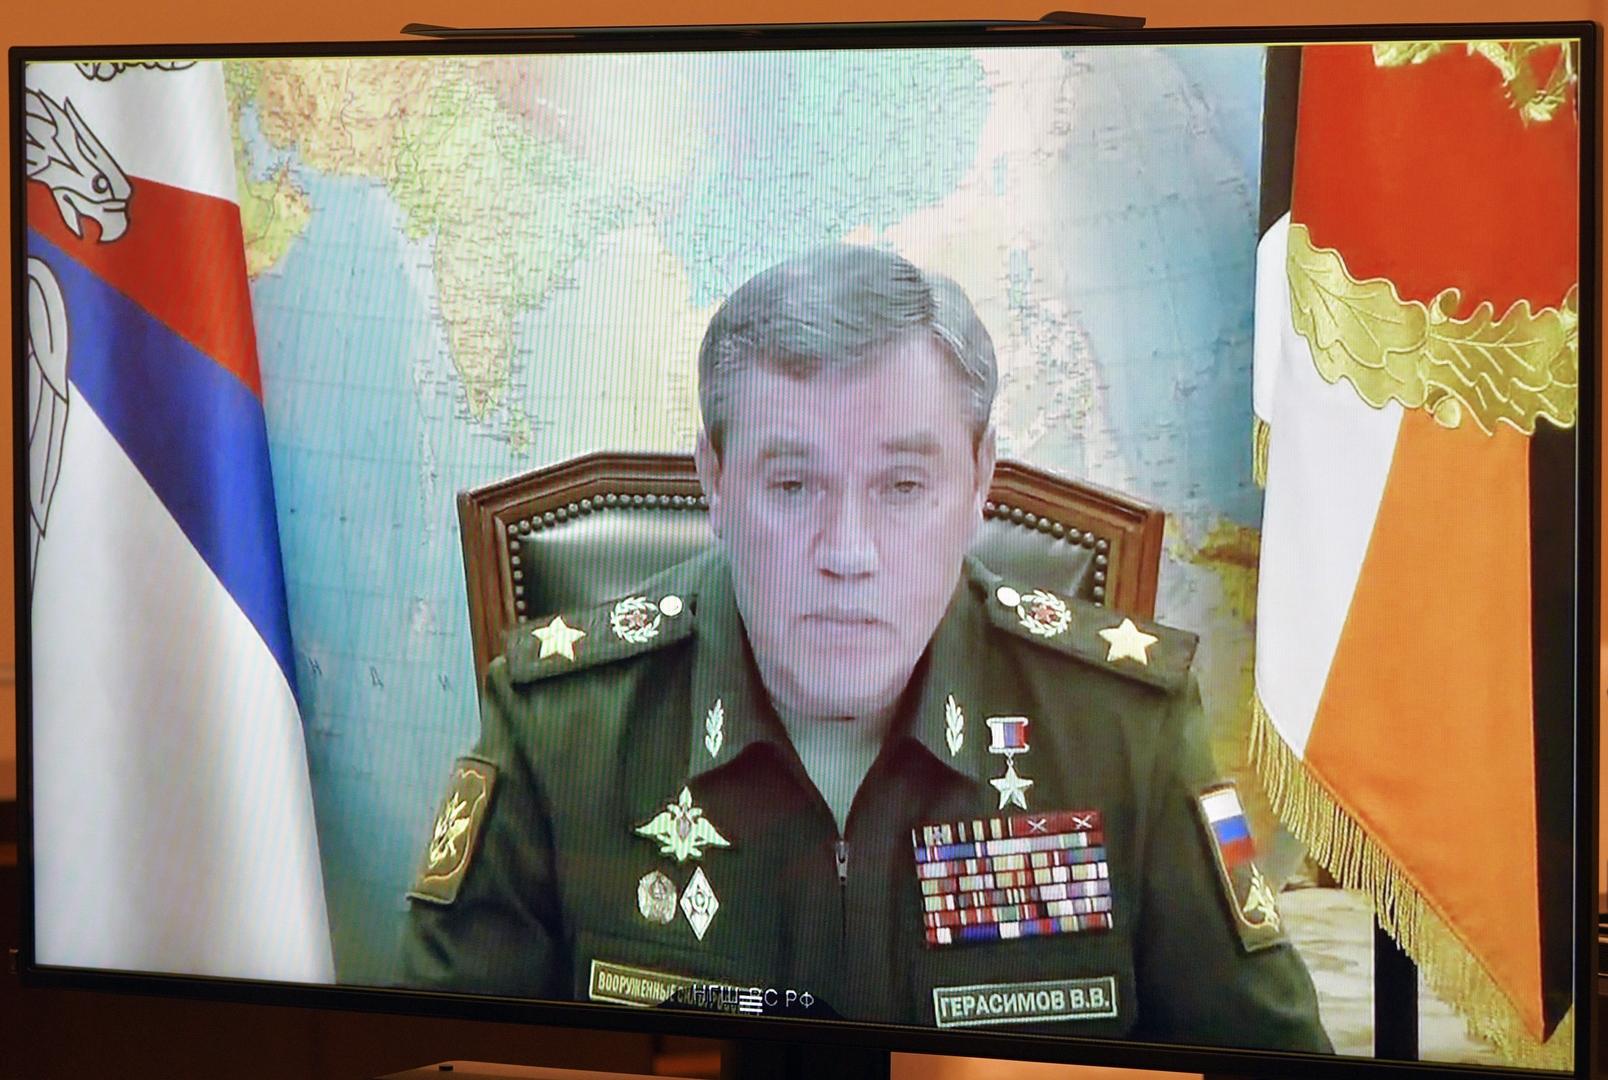 رئيس هيئة الأركان العامة الروسية، فاليري غيراسيموف